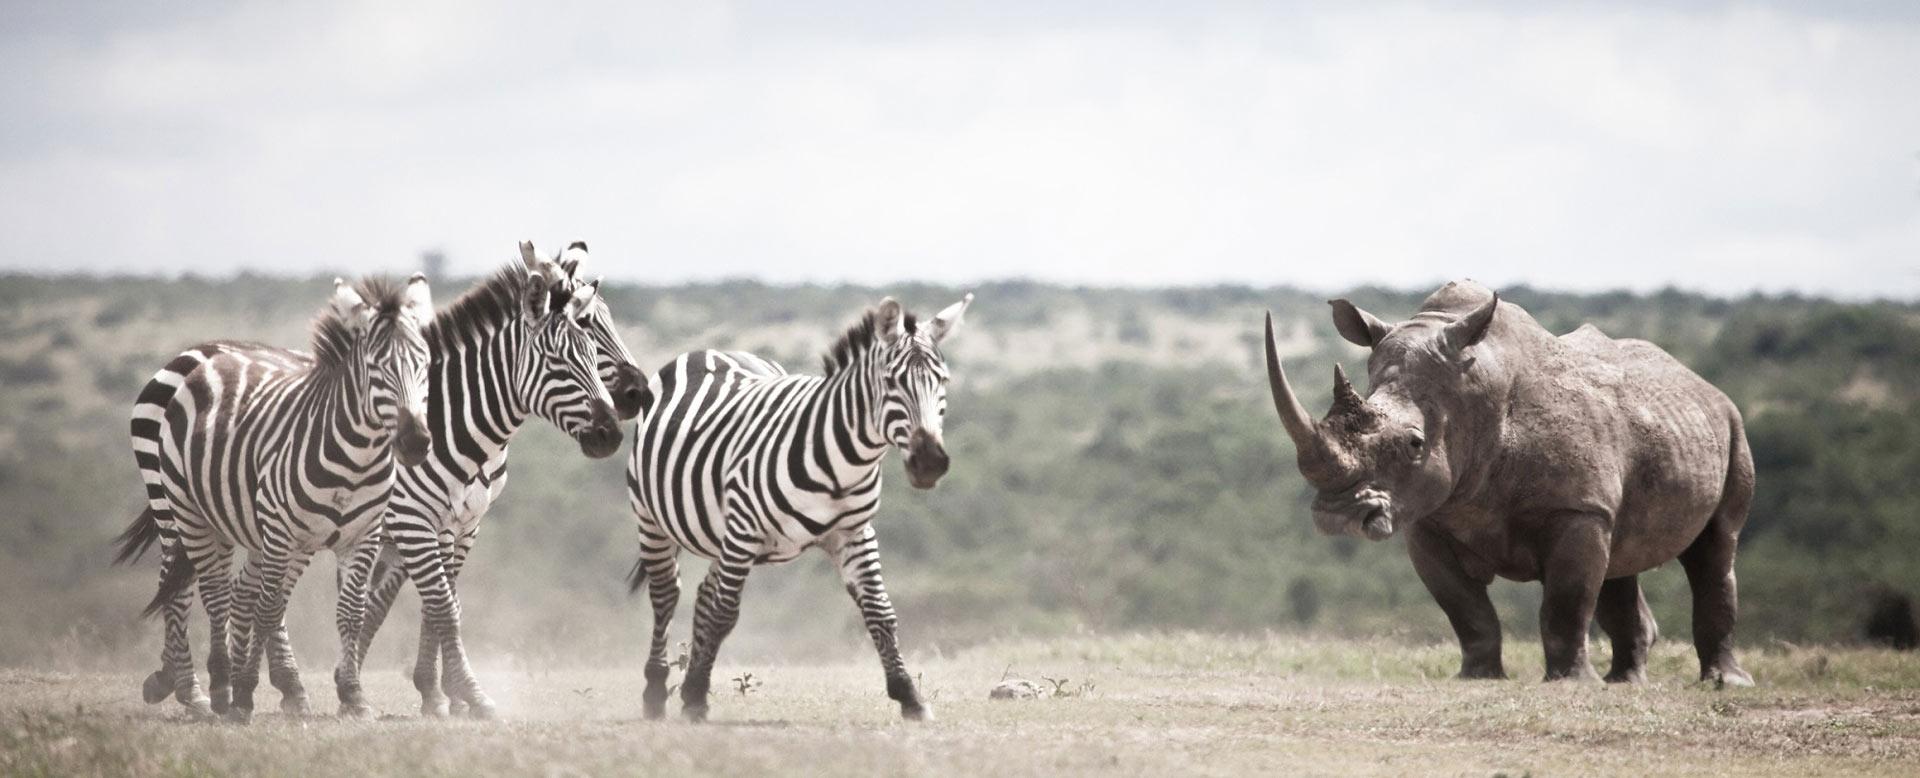 Solio Game Reserve, Kenya